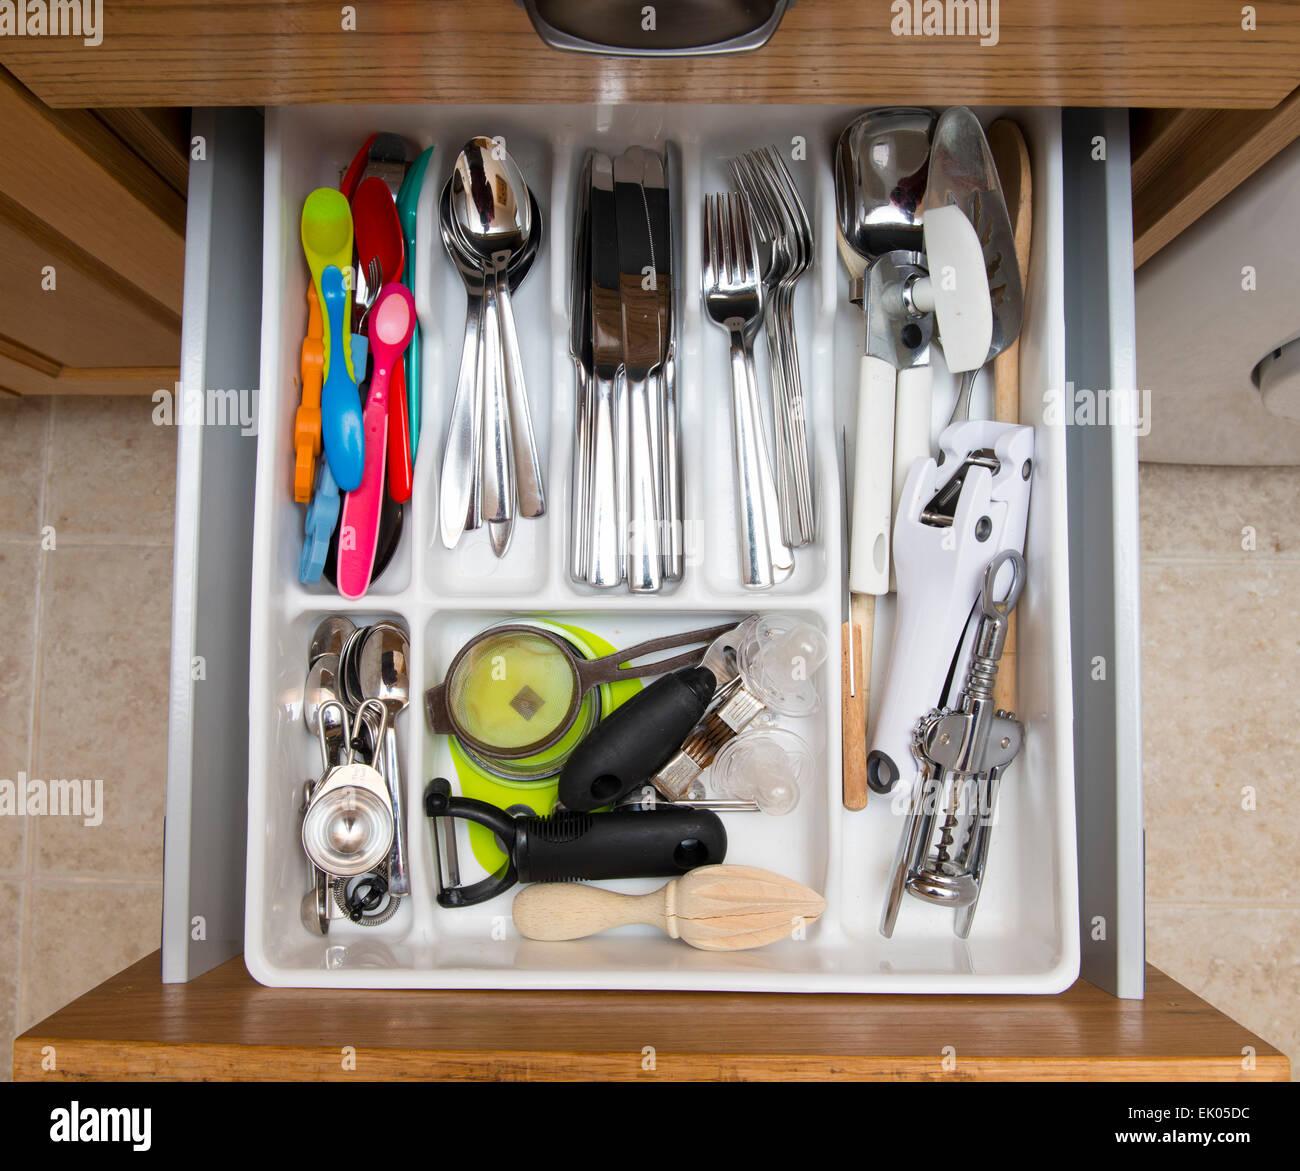 Tiroir à couverts dans une cuisine. Photo Stock